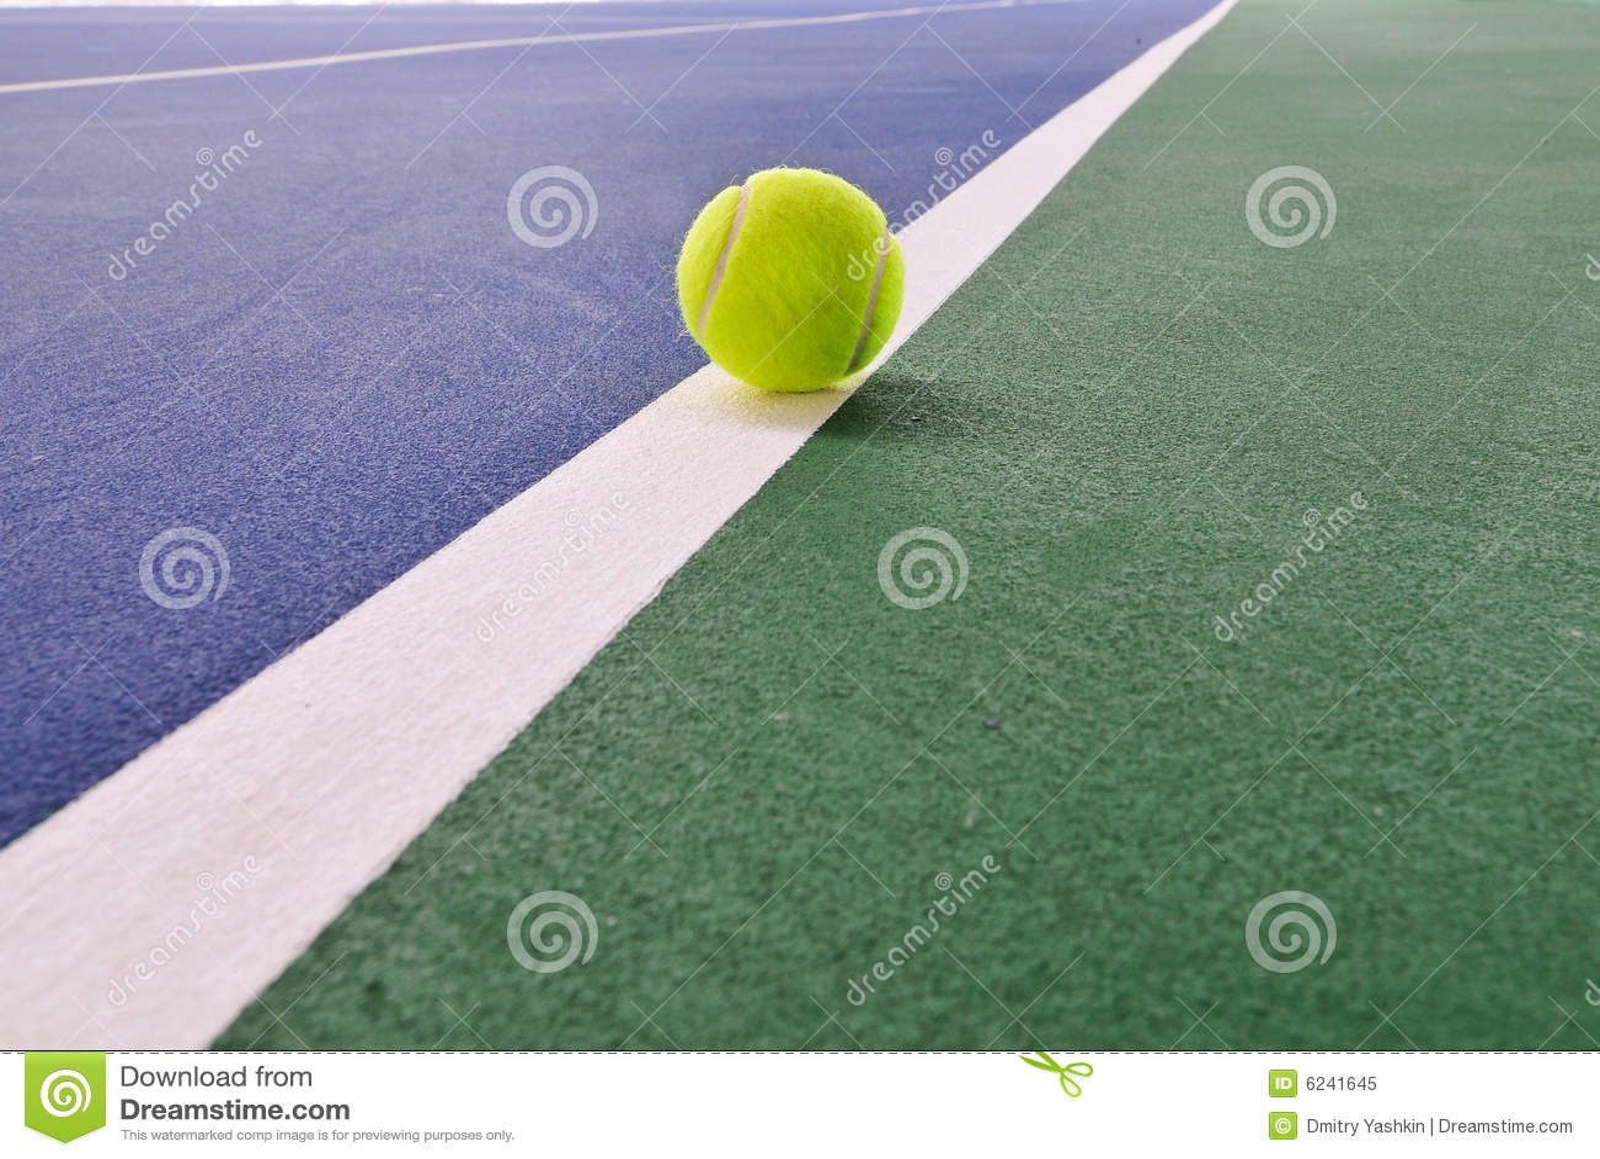 Bille de tennis sur le court de tennis